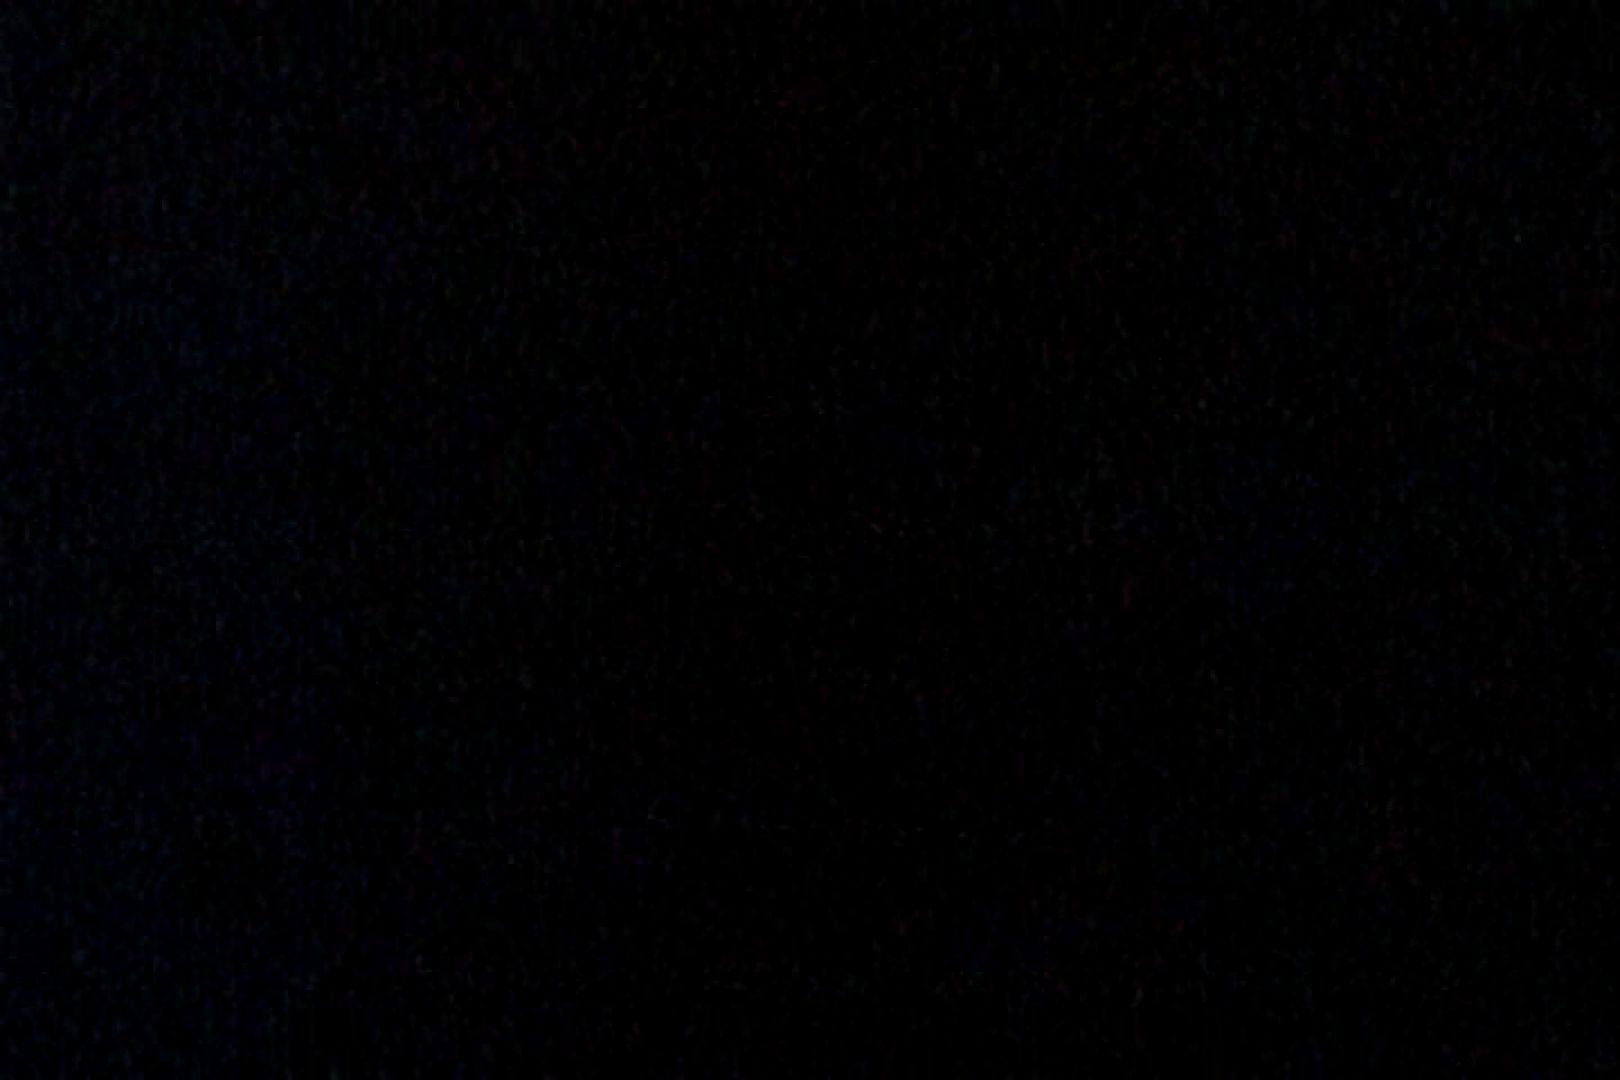 充血監督の深夜の運動会Vol.160 車の中のカップル | おまんこ無修正  82画像 73